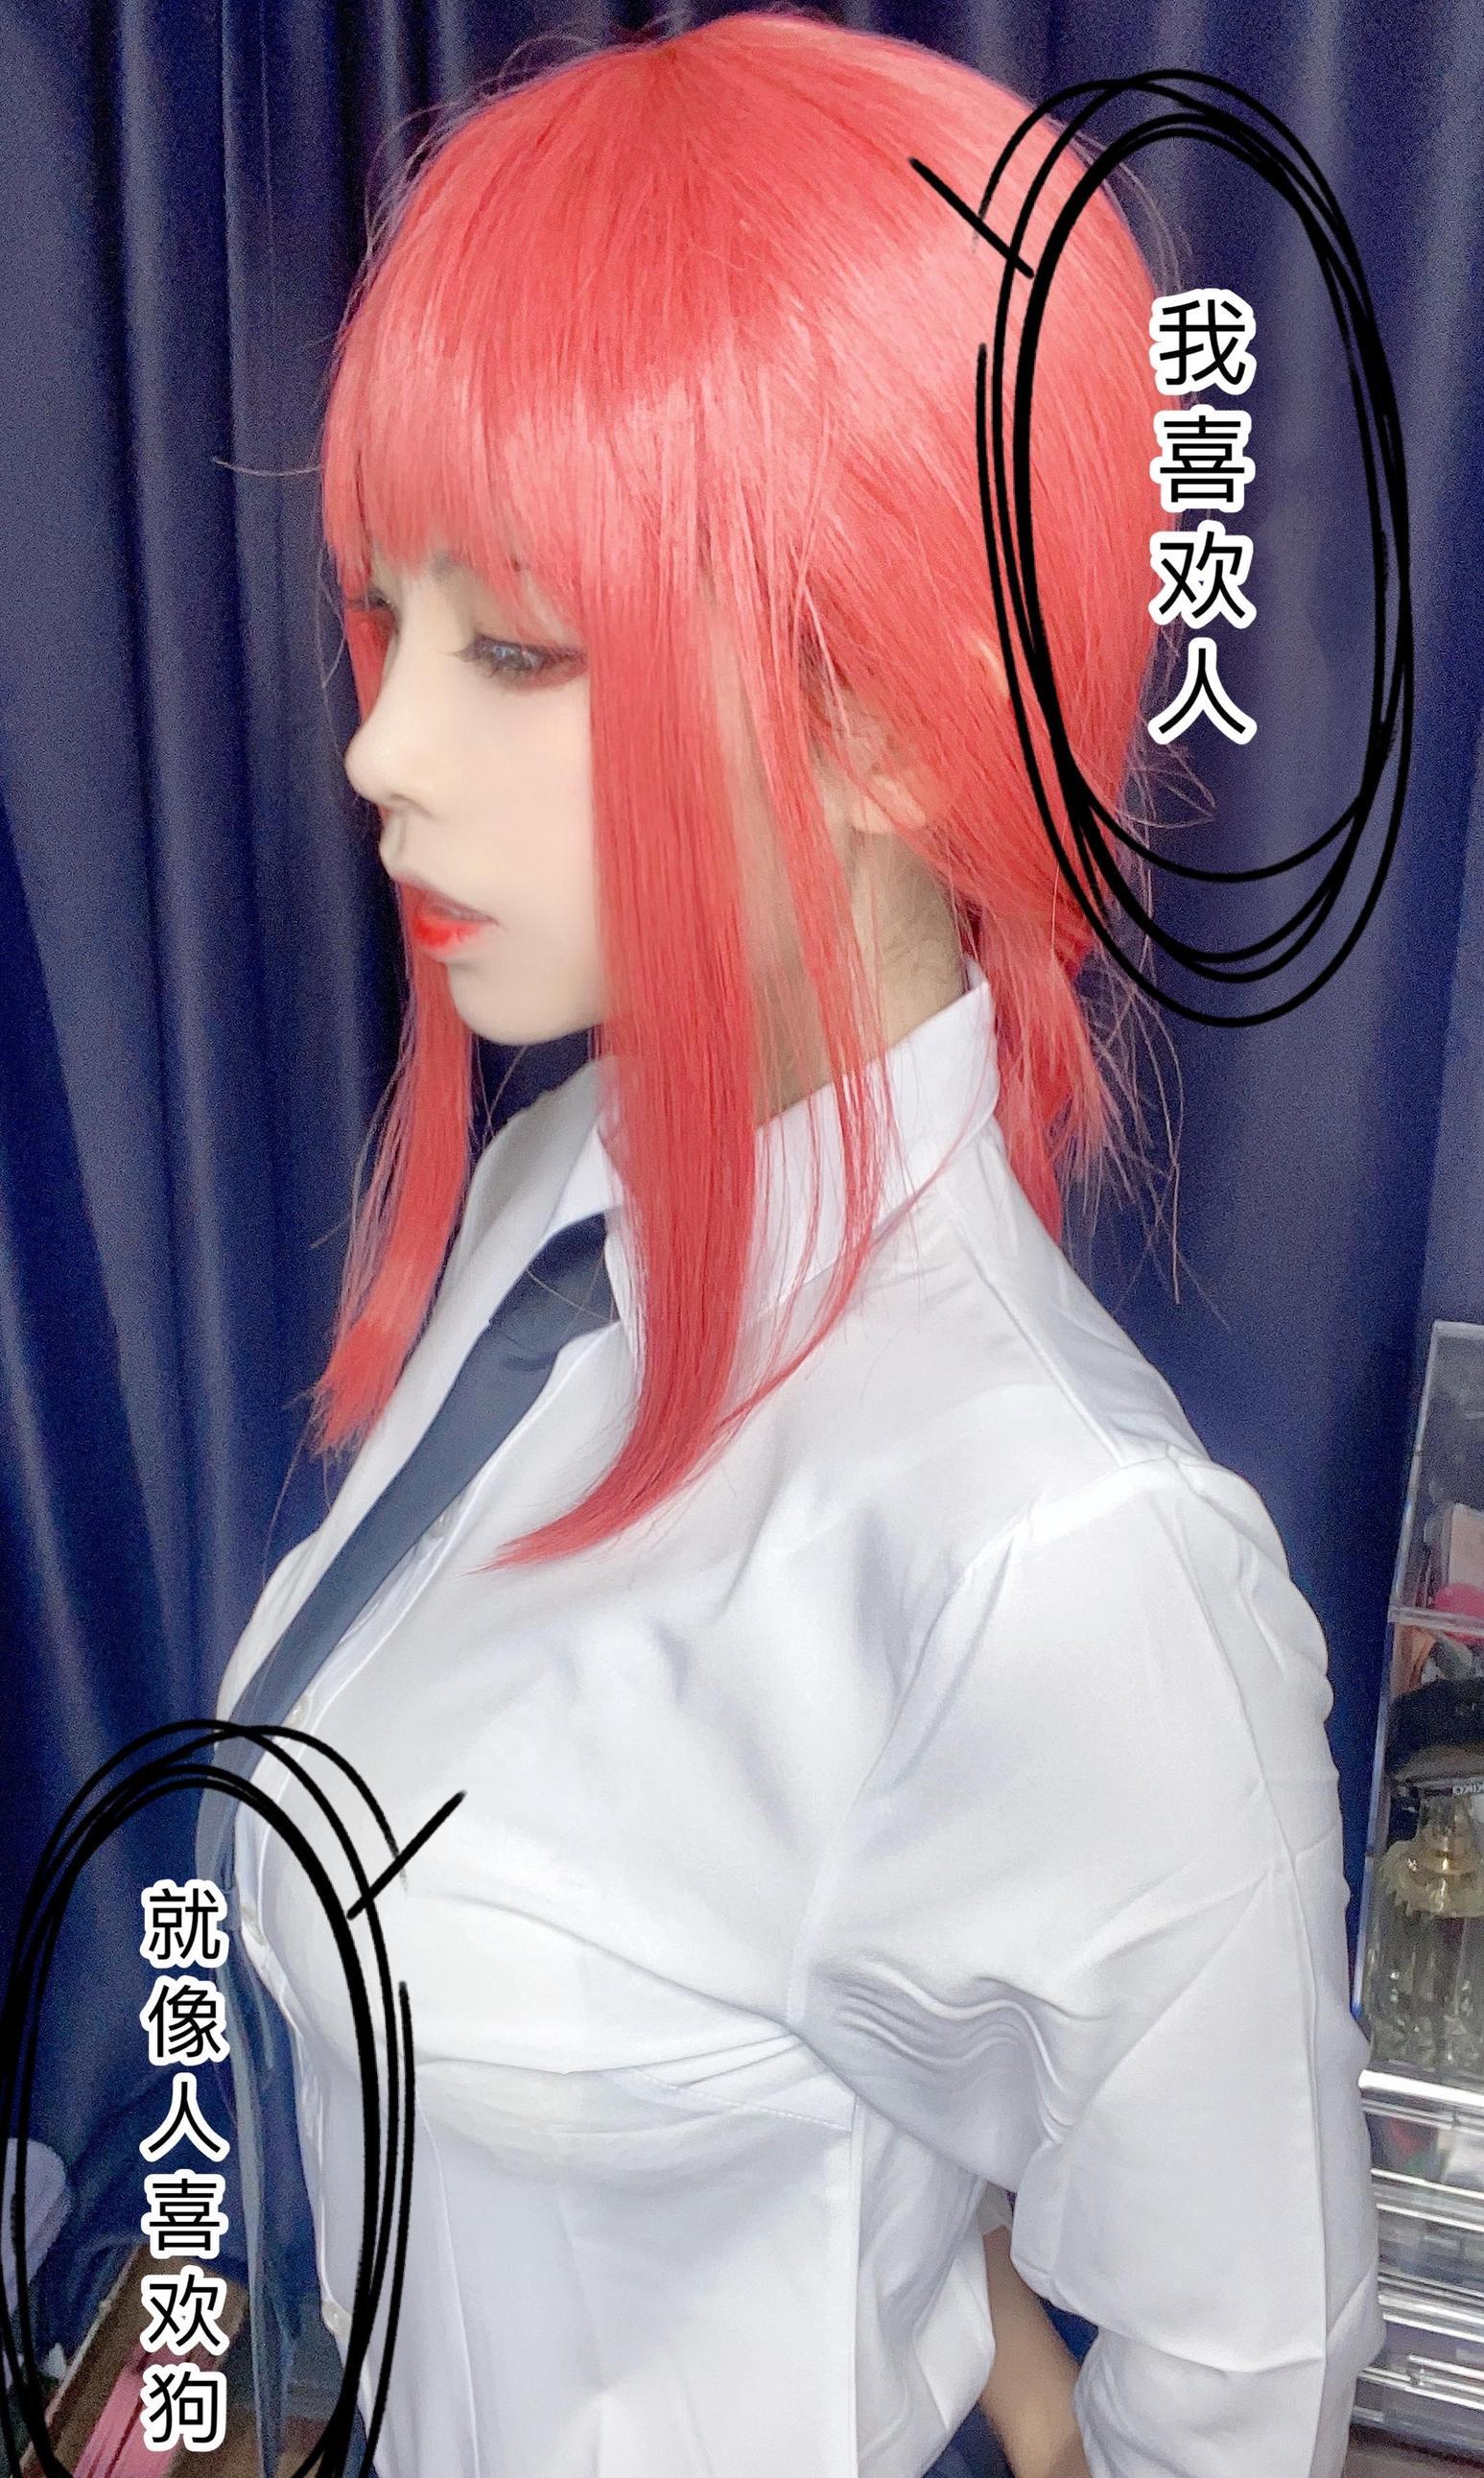 电锯cosplay【CN:一粒榛子-】-第4张